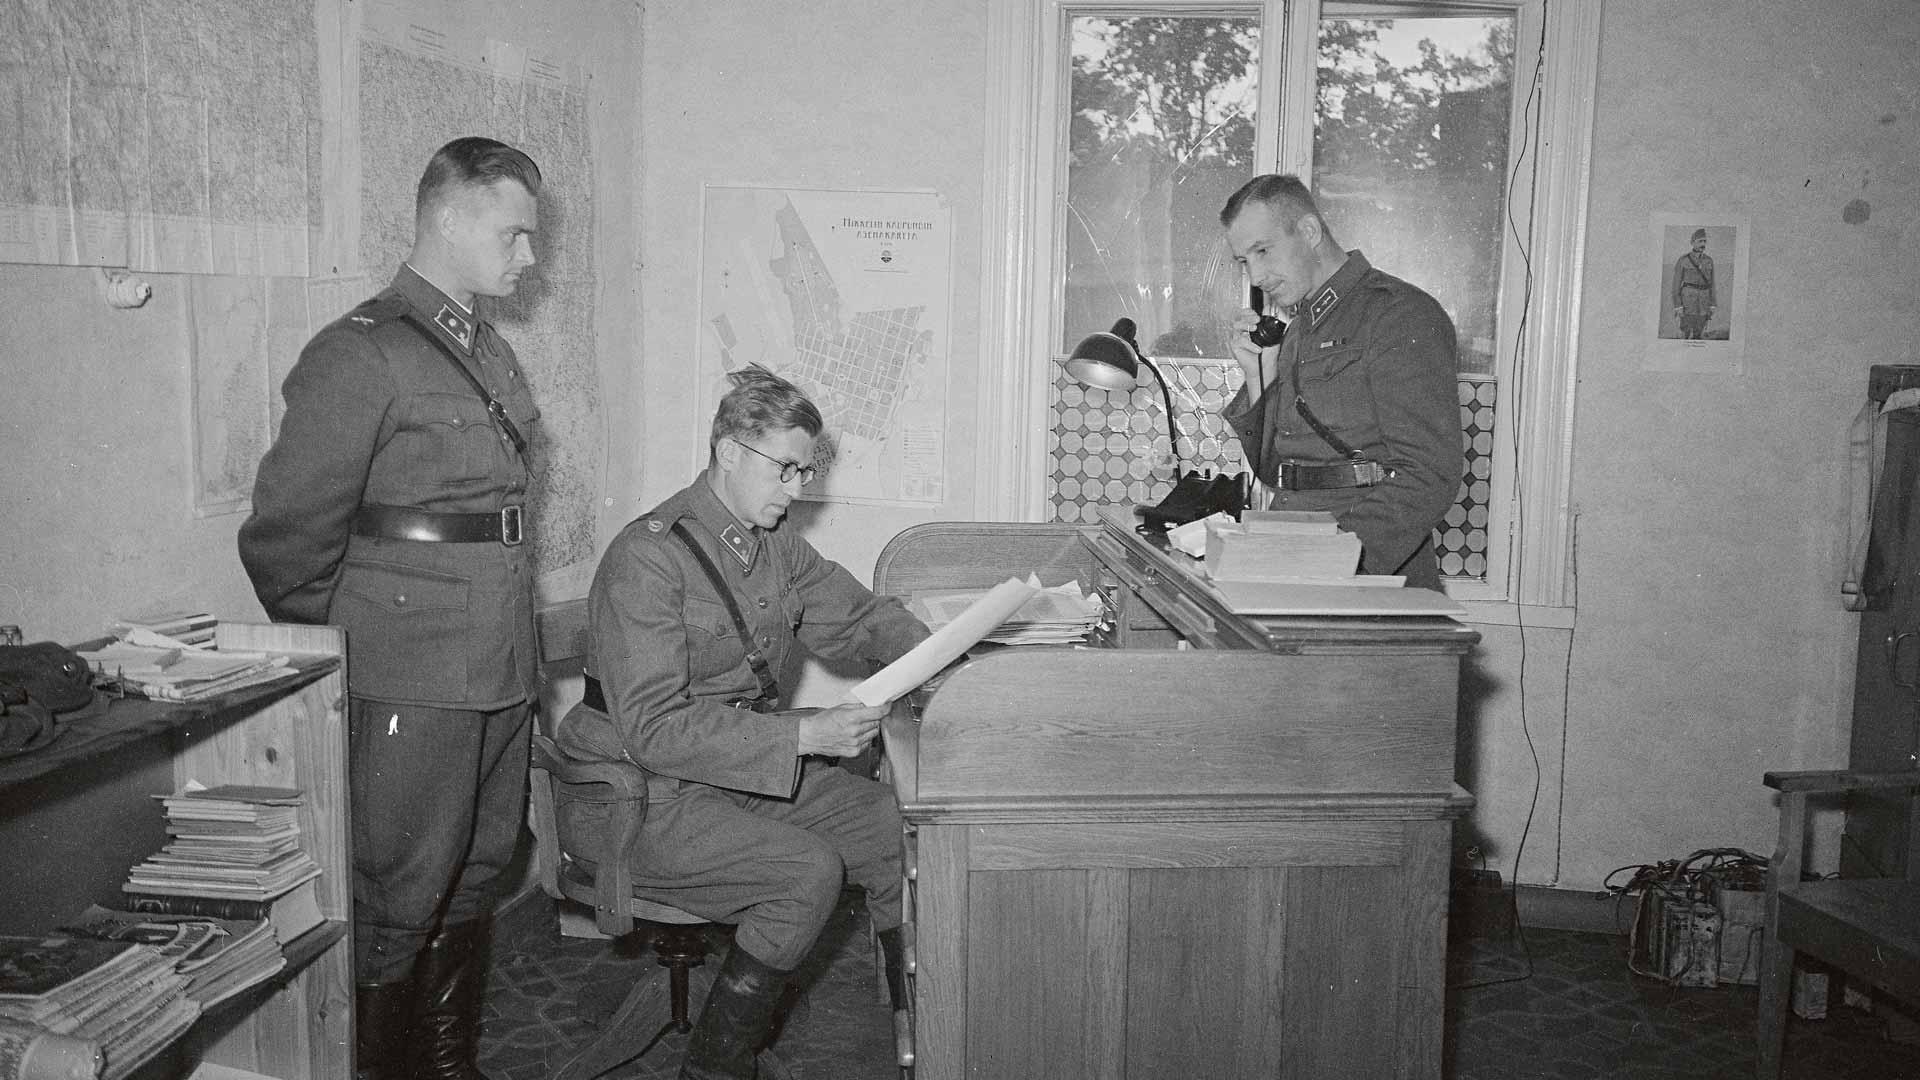 Kirjoituspöytä, paperisia kortistoja ja puhelin: keväällä 1943 Gösta Falck, Pentti Ignatius ja Sulo Kaunisharju saivat pärjätä vähäisillä työvälineillä.